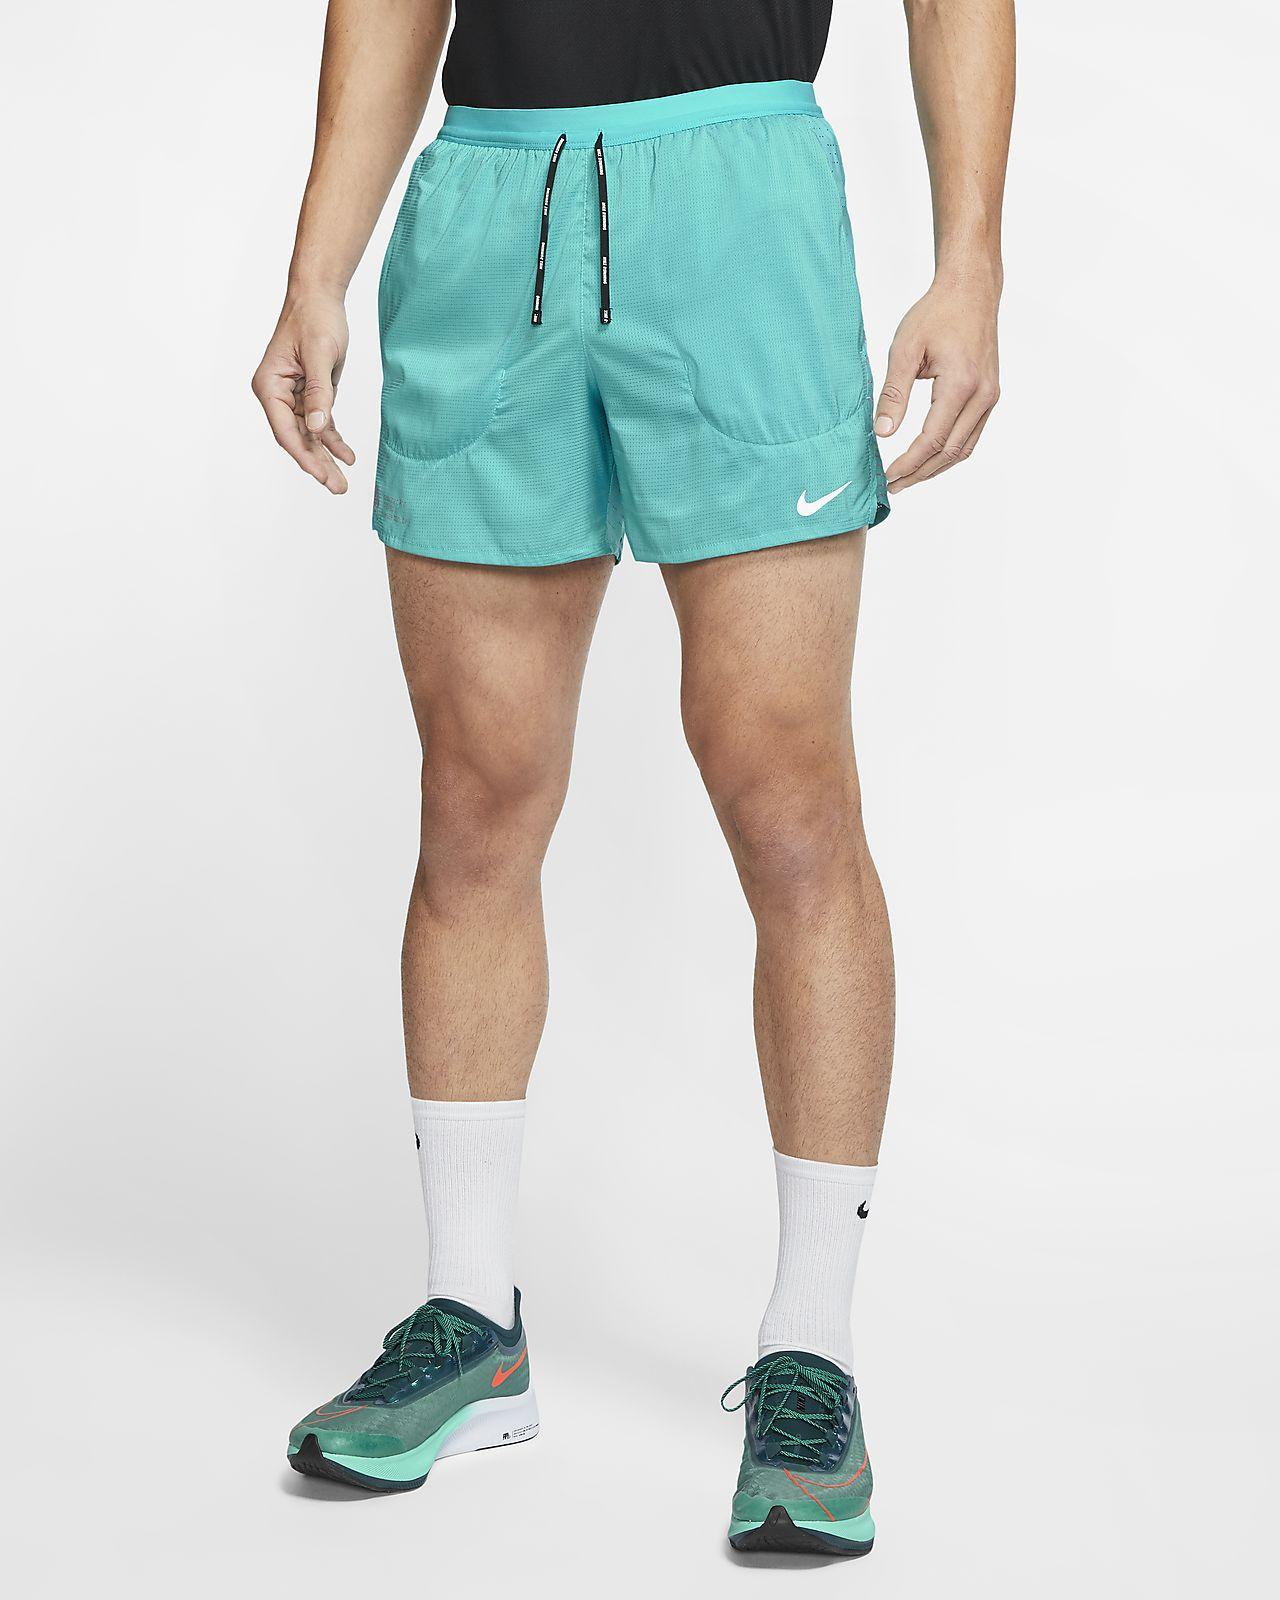 Pánské běžecké kraťasy Nike Flex Stride Future Fast s všitými slipy (délka 13 cm)